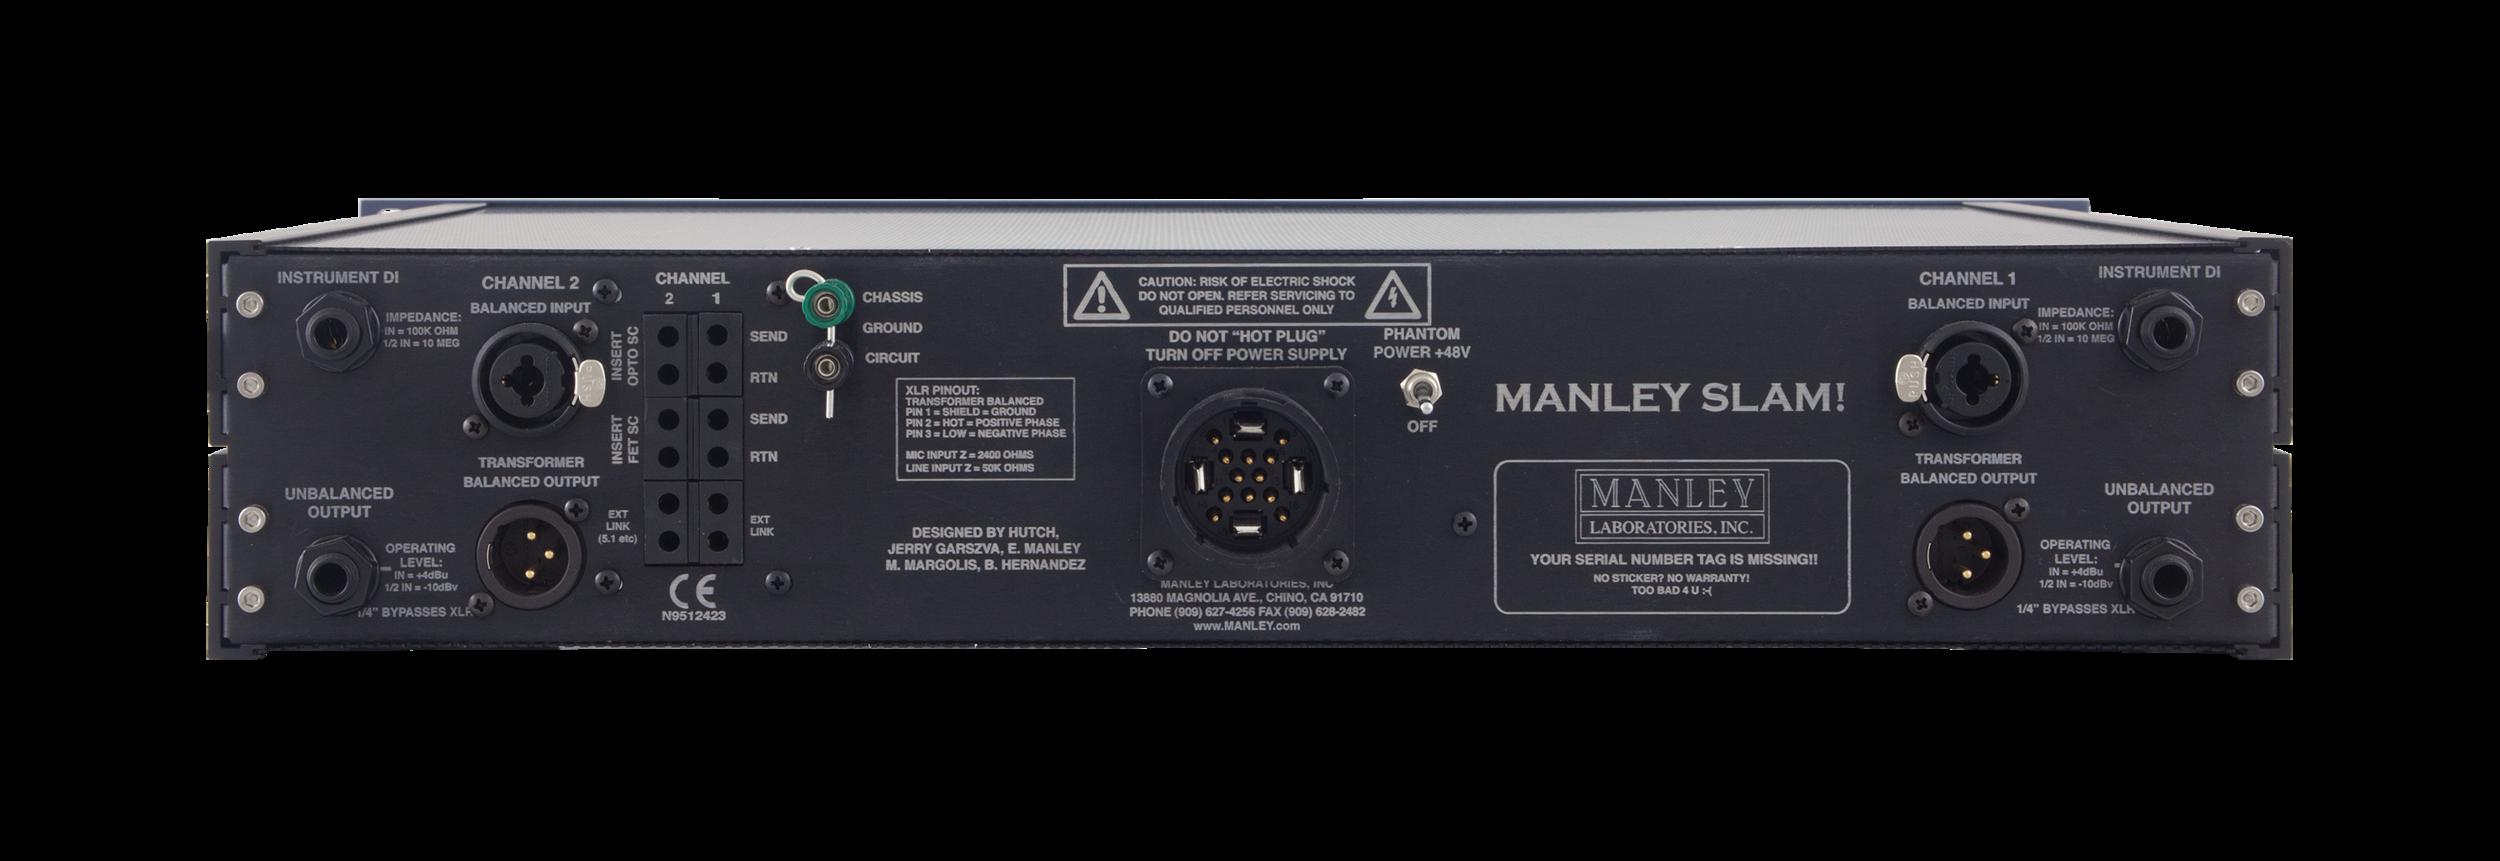 Manley SLAM image2